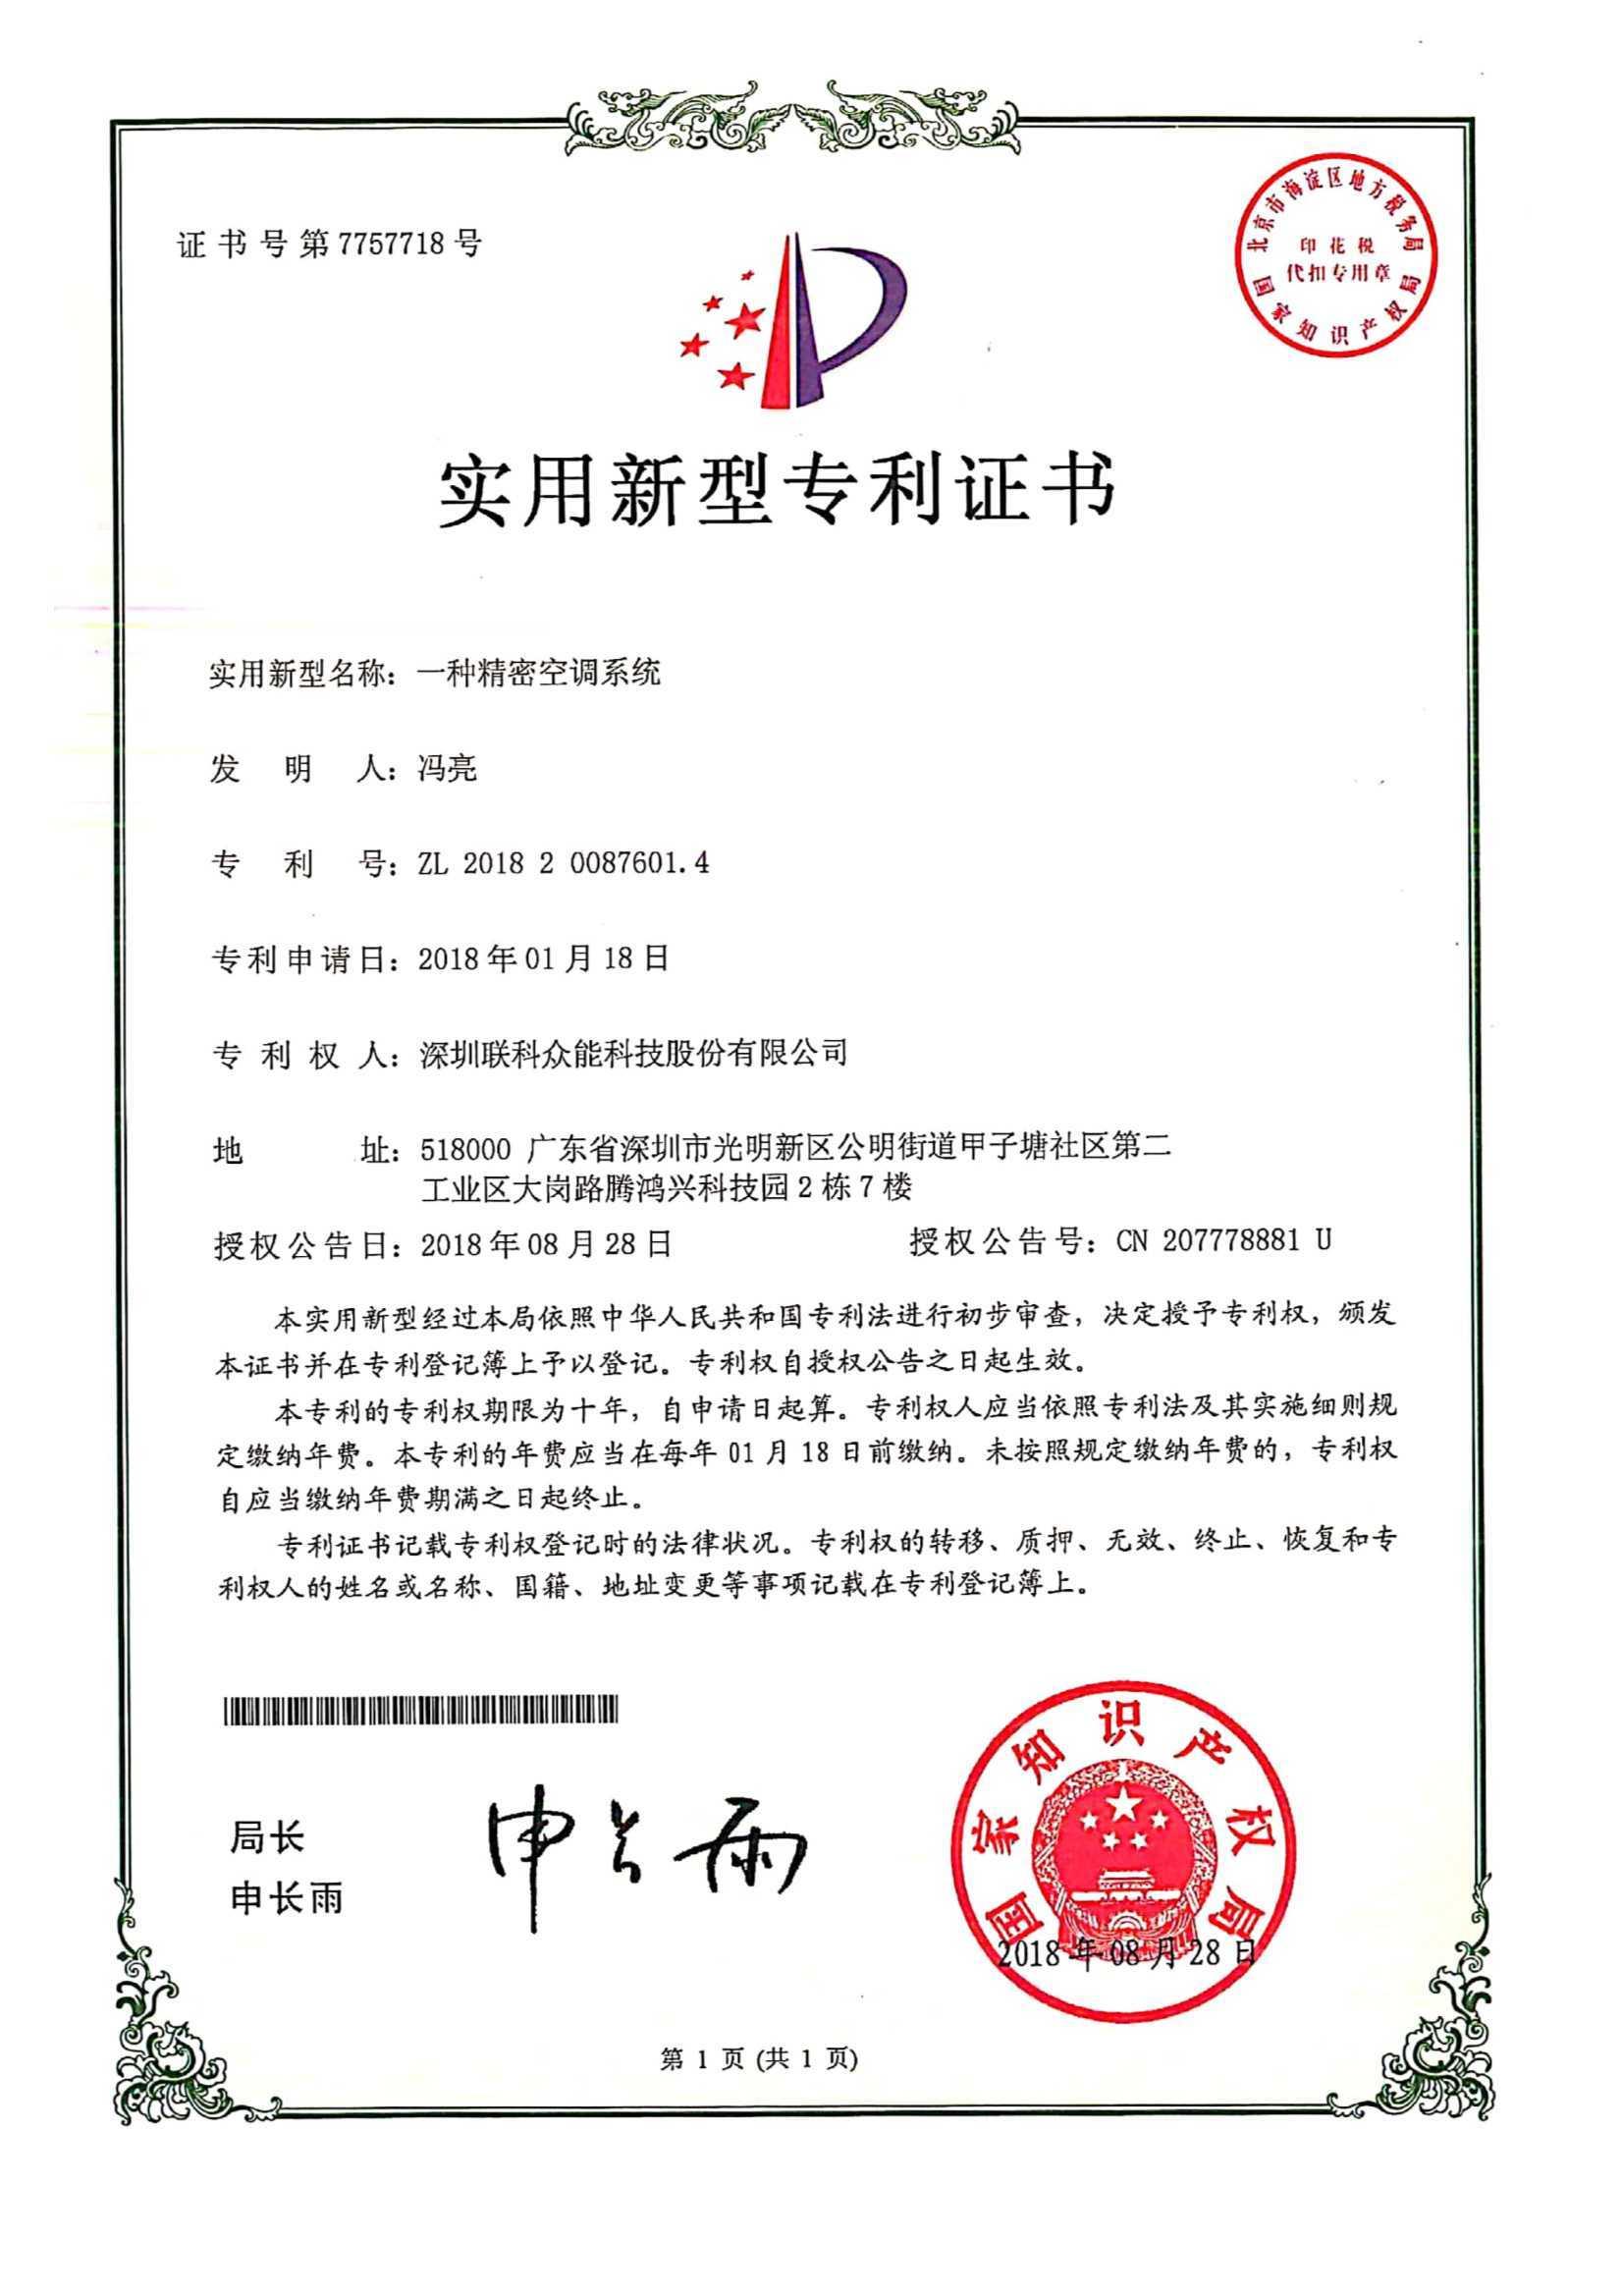 精密空調系統新型專利證書